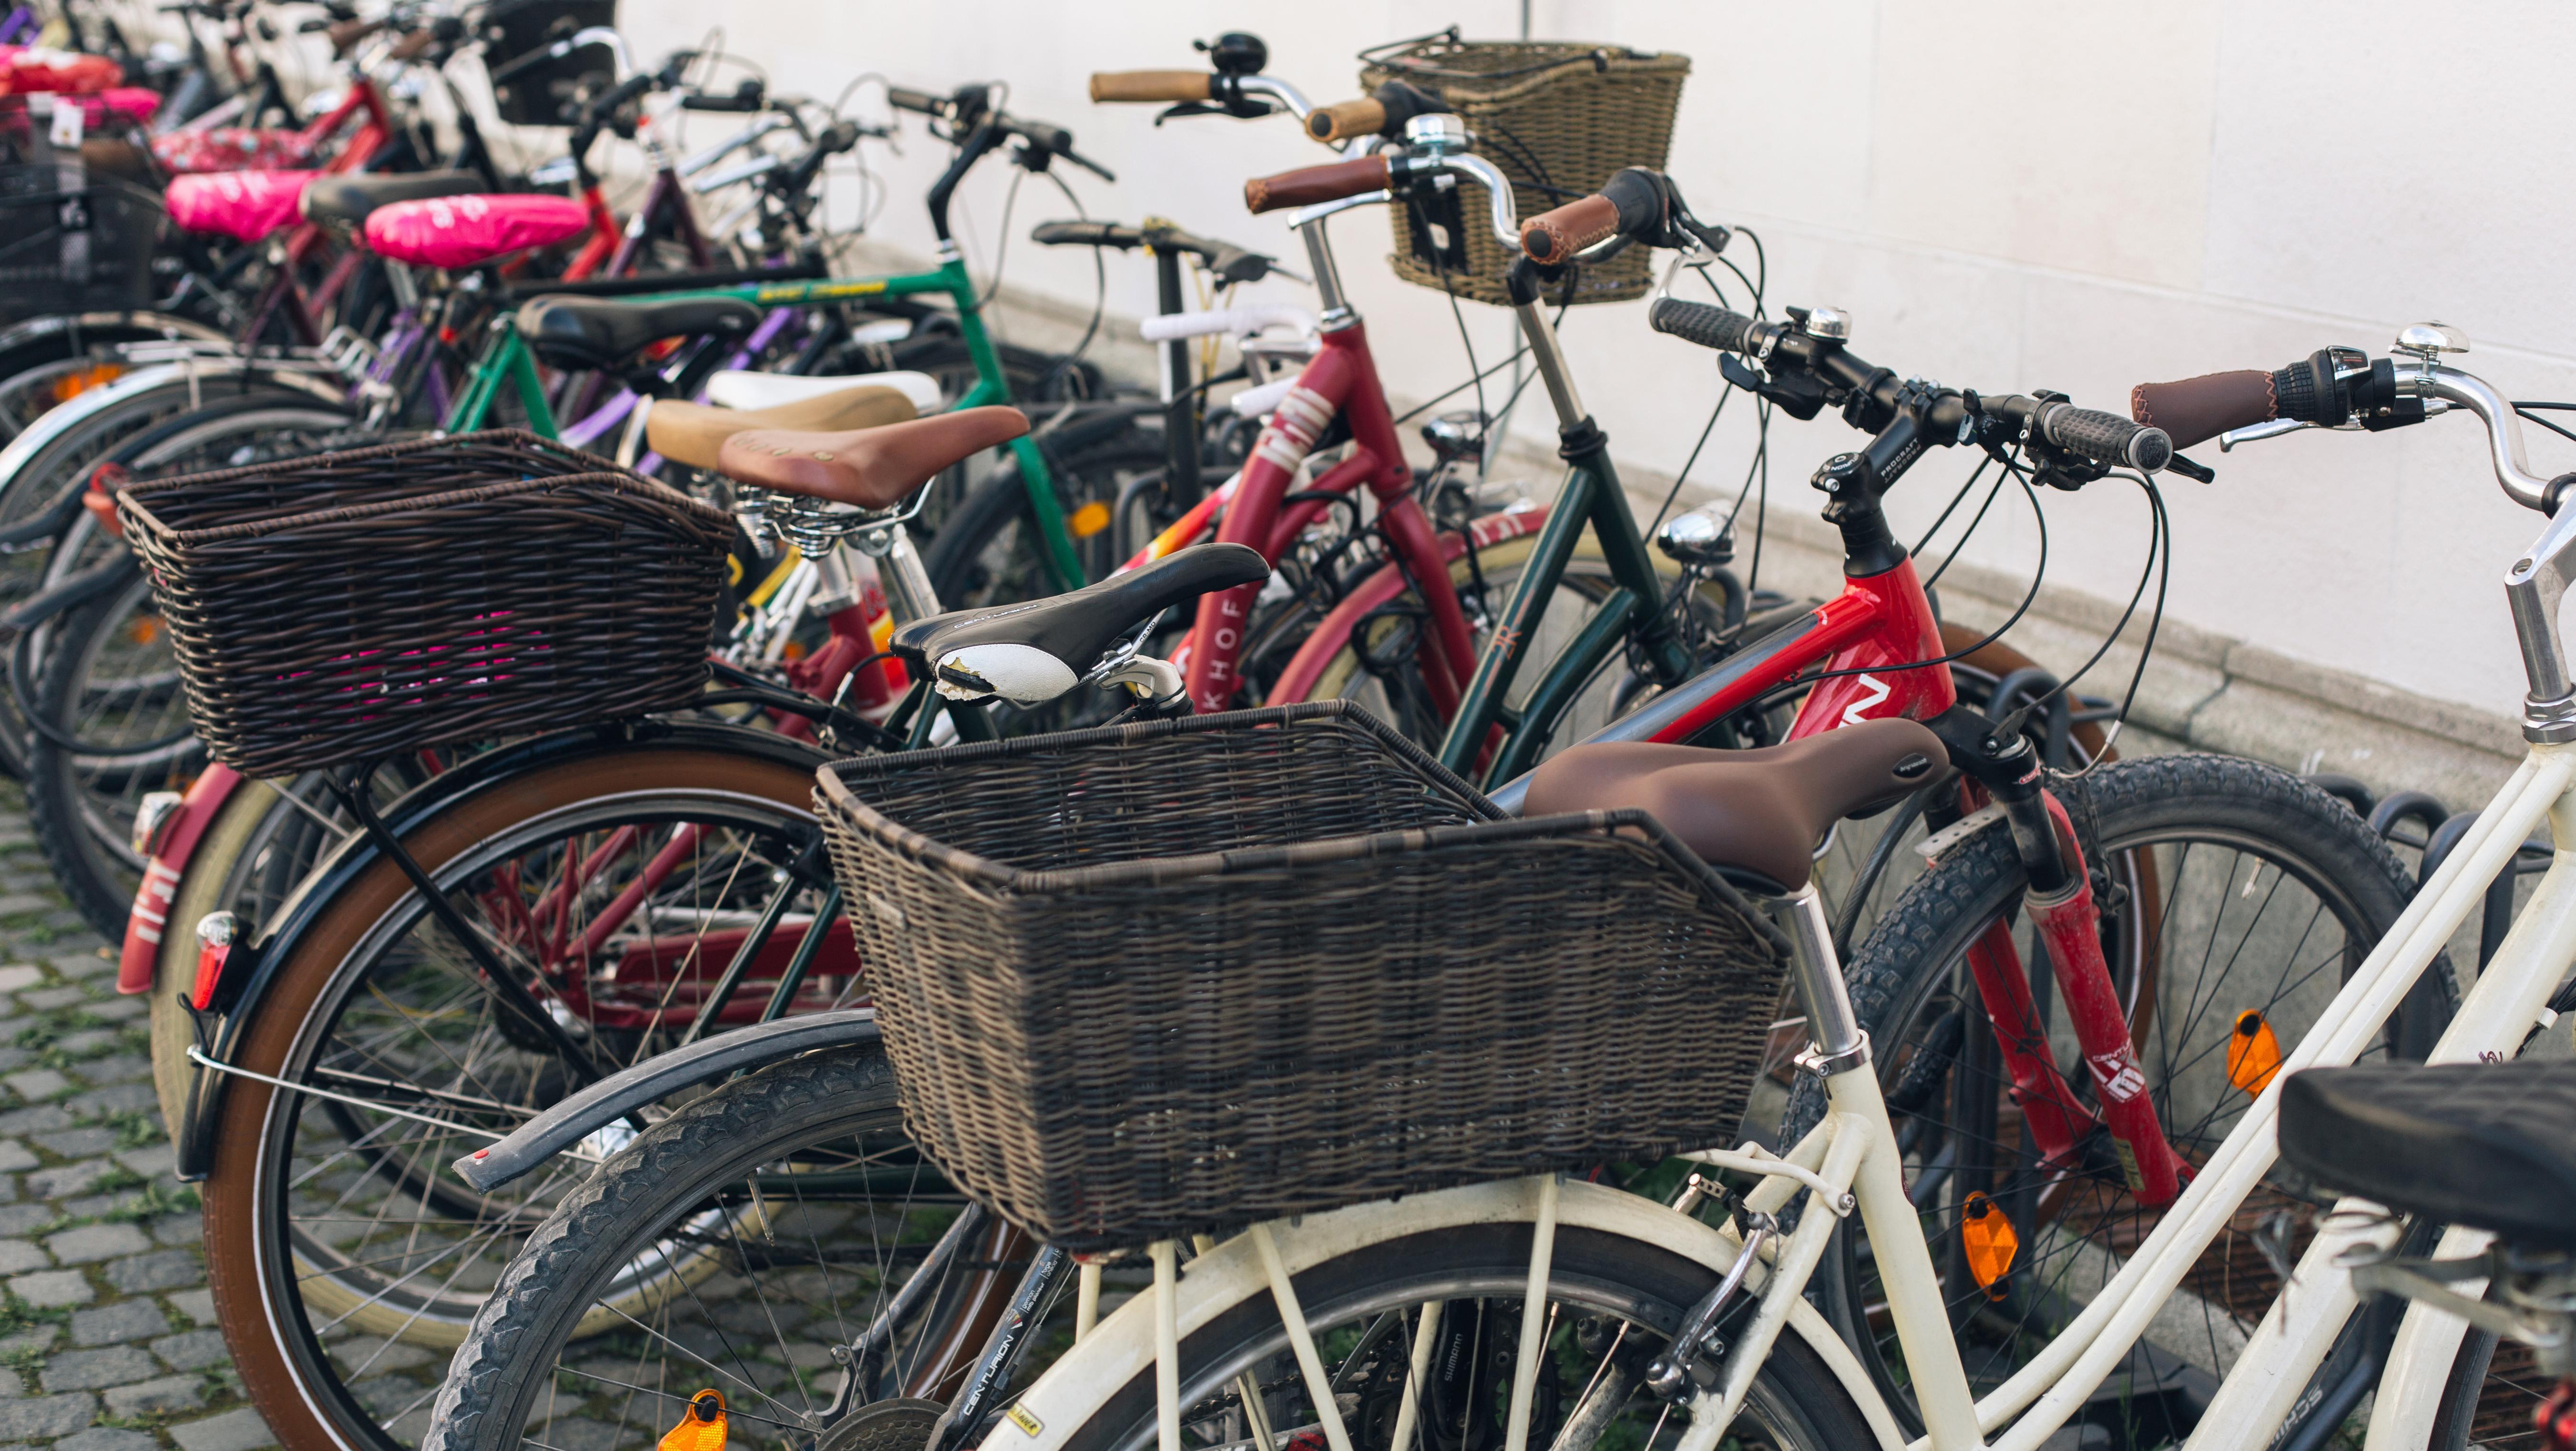 Abgestellte Fahrräder in München